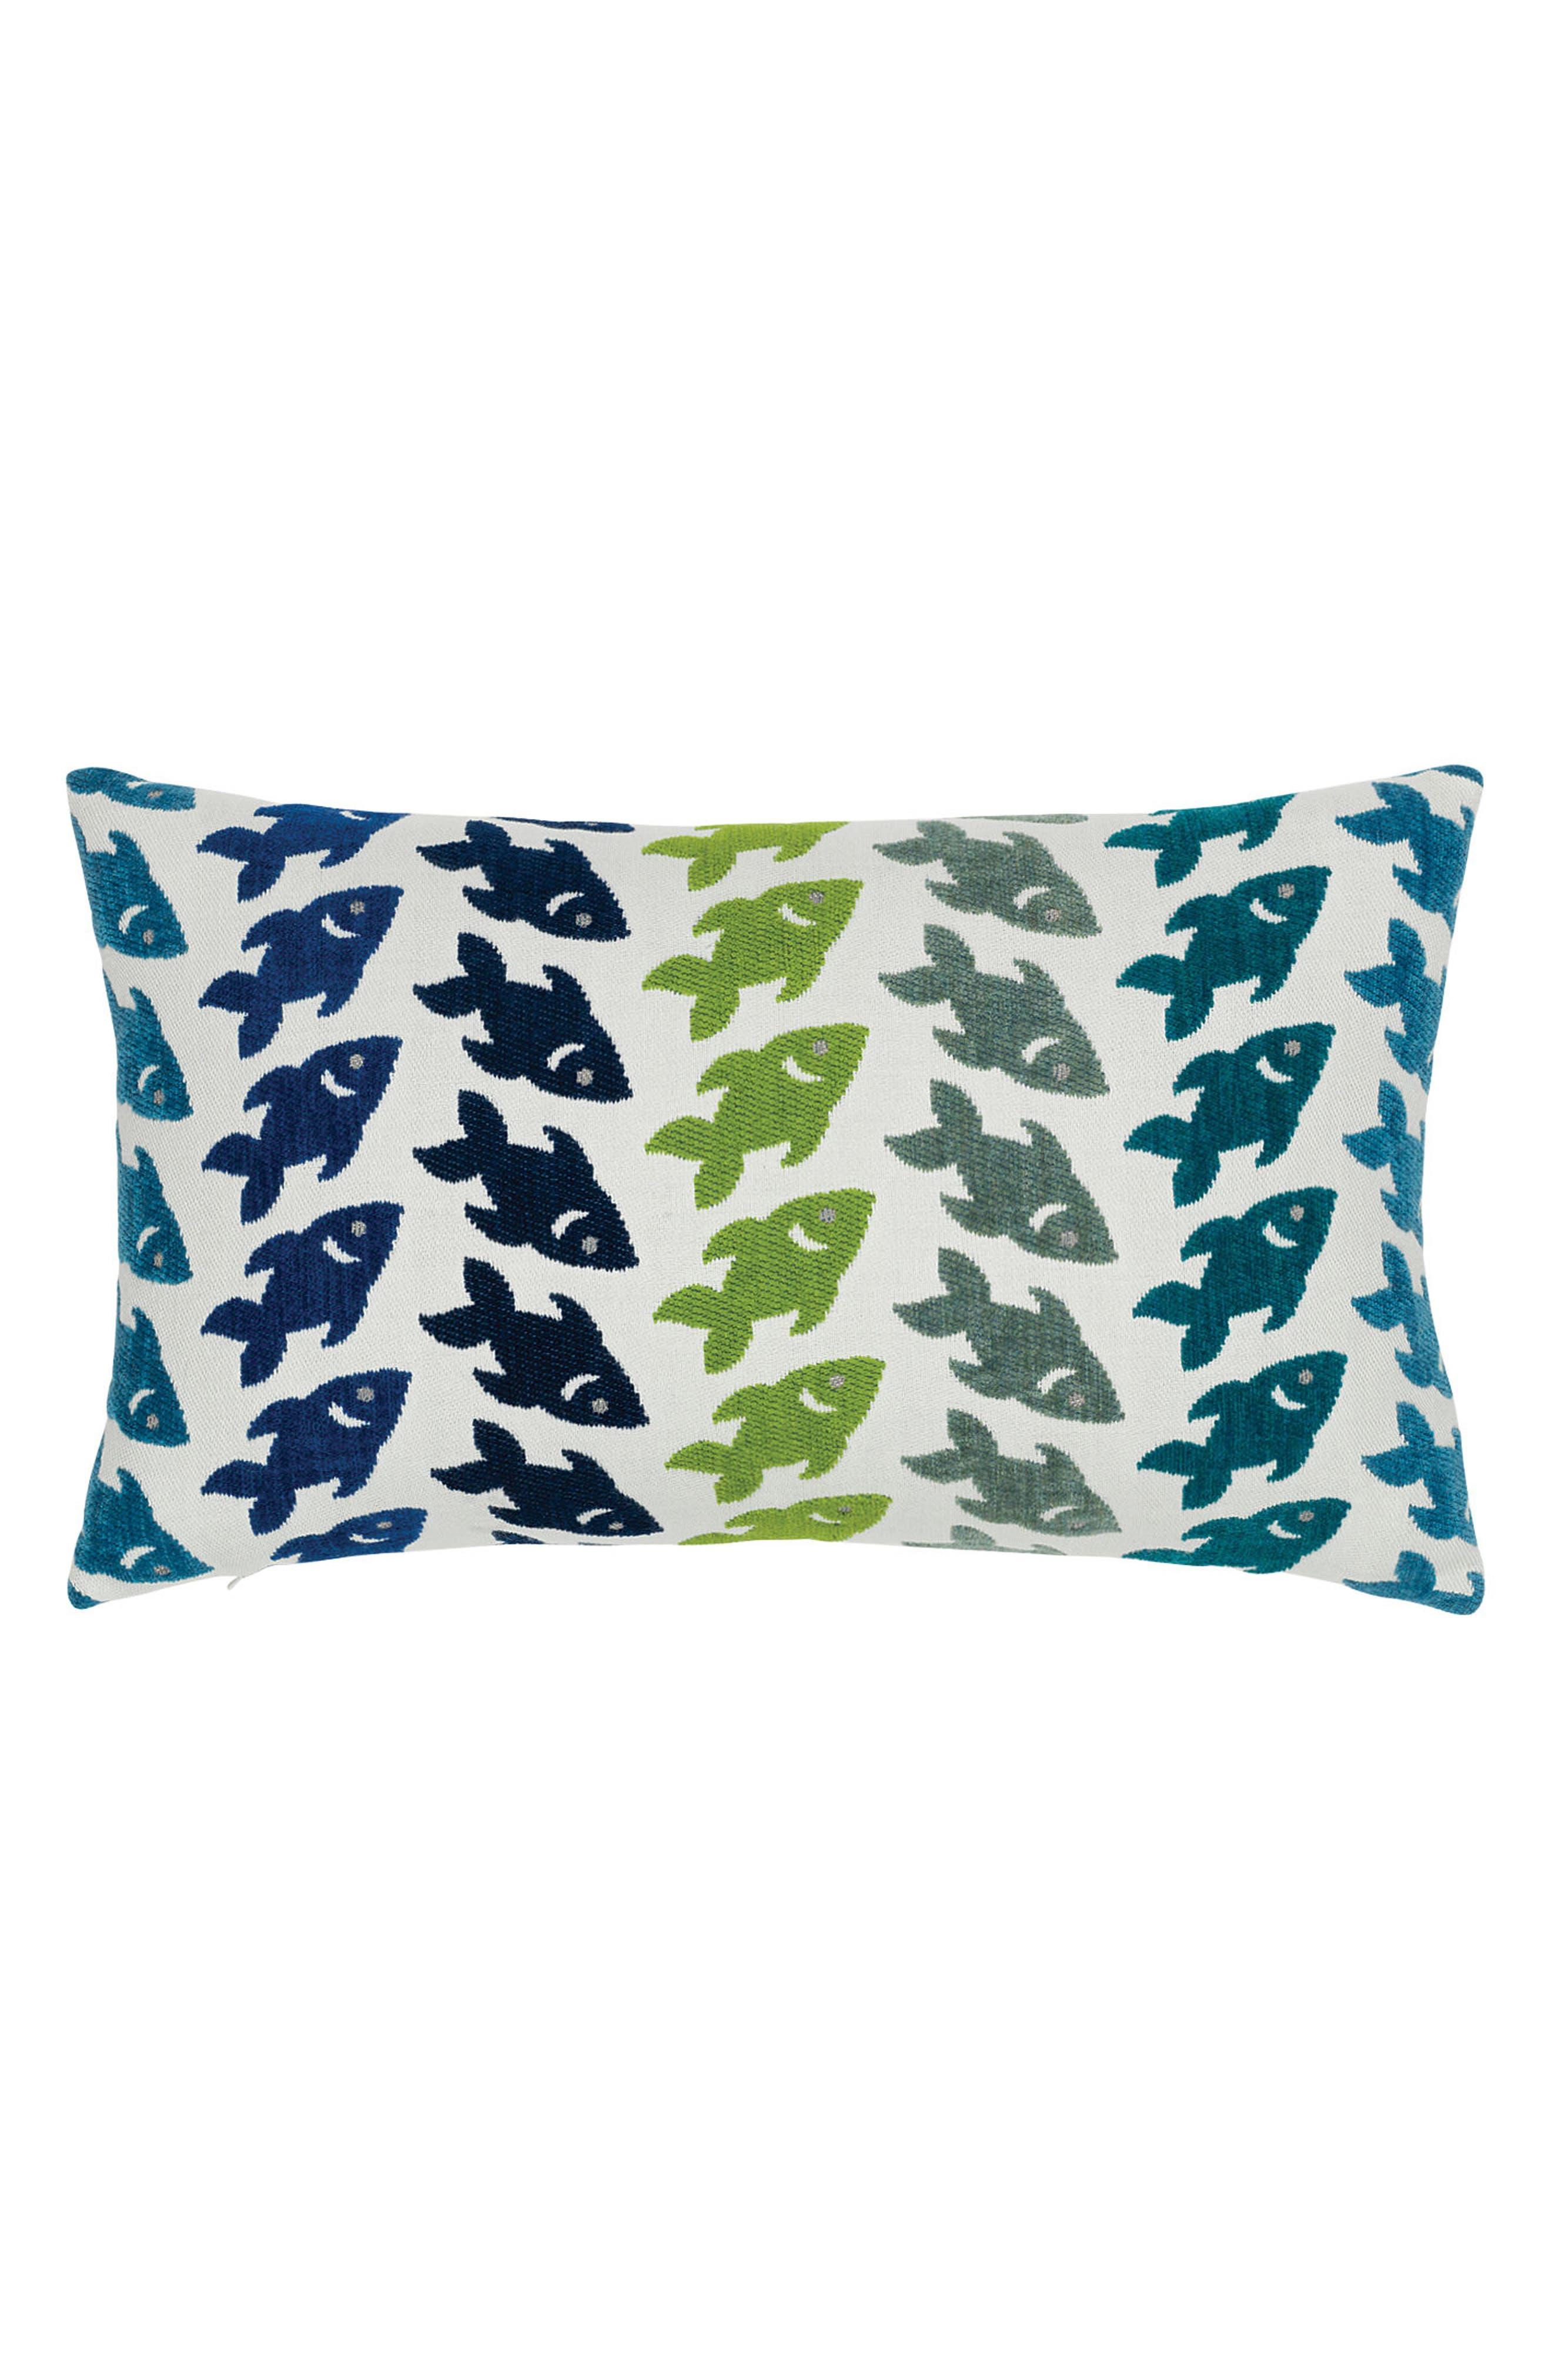 Oceana Deep Sea Lumbar Pillow,                         Main,                         color, BLUE/ GREEN